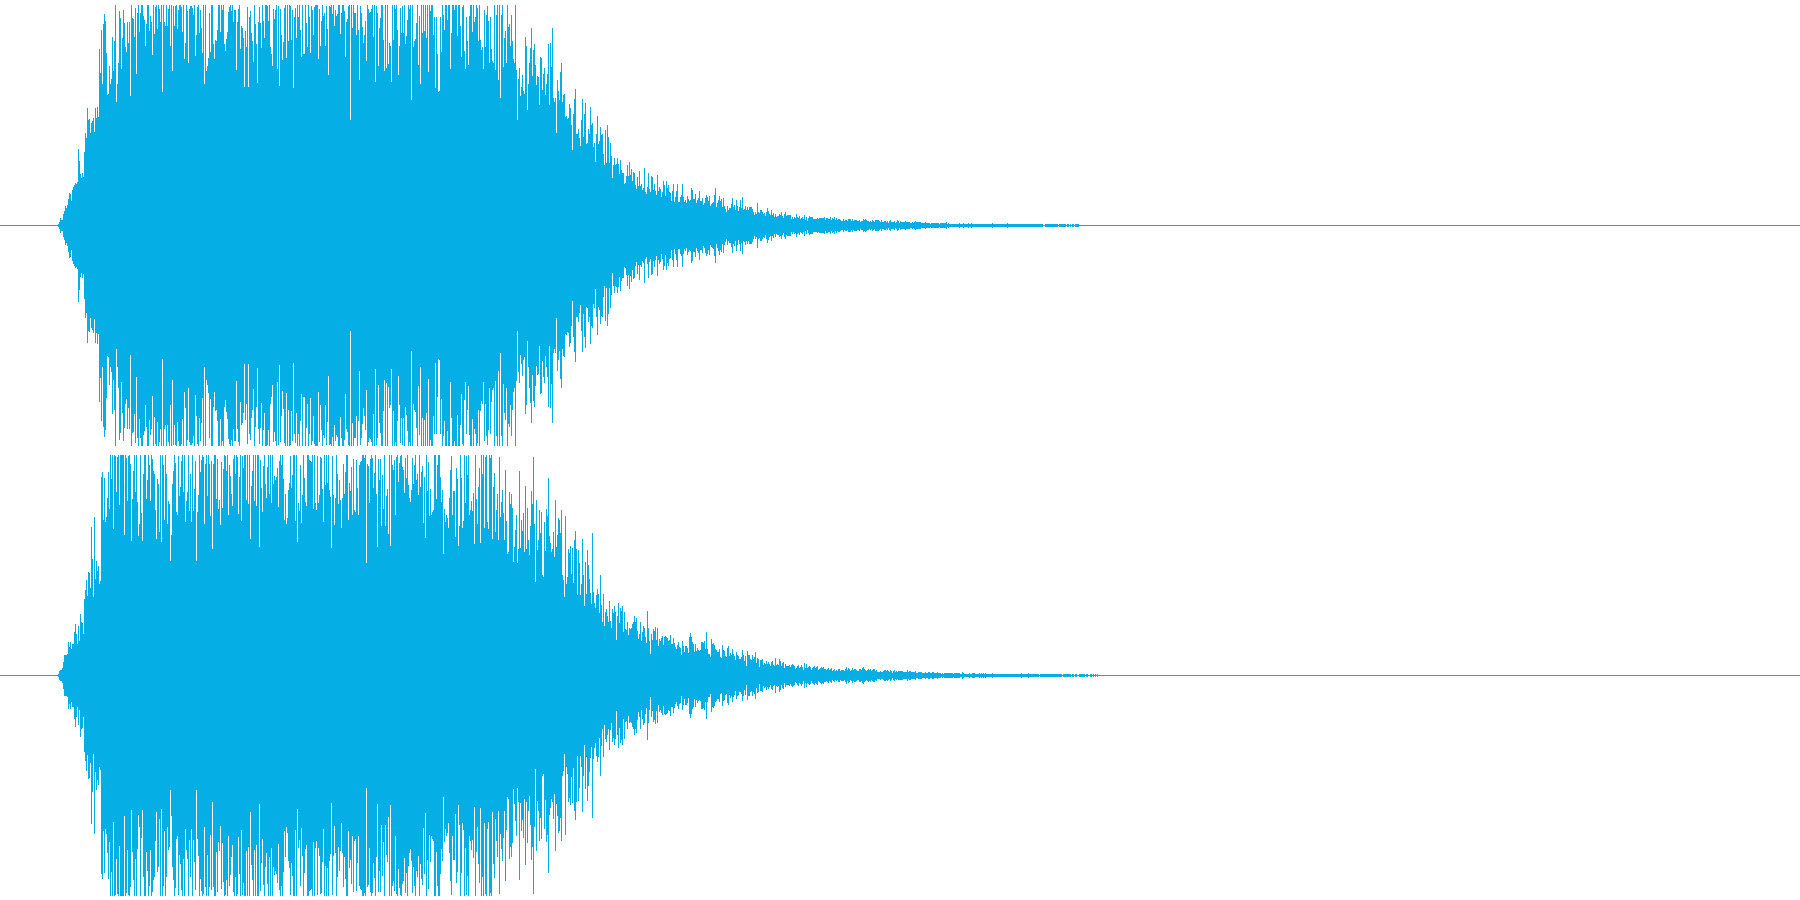 ジャンプ飛翔音の再生済みの波形